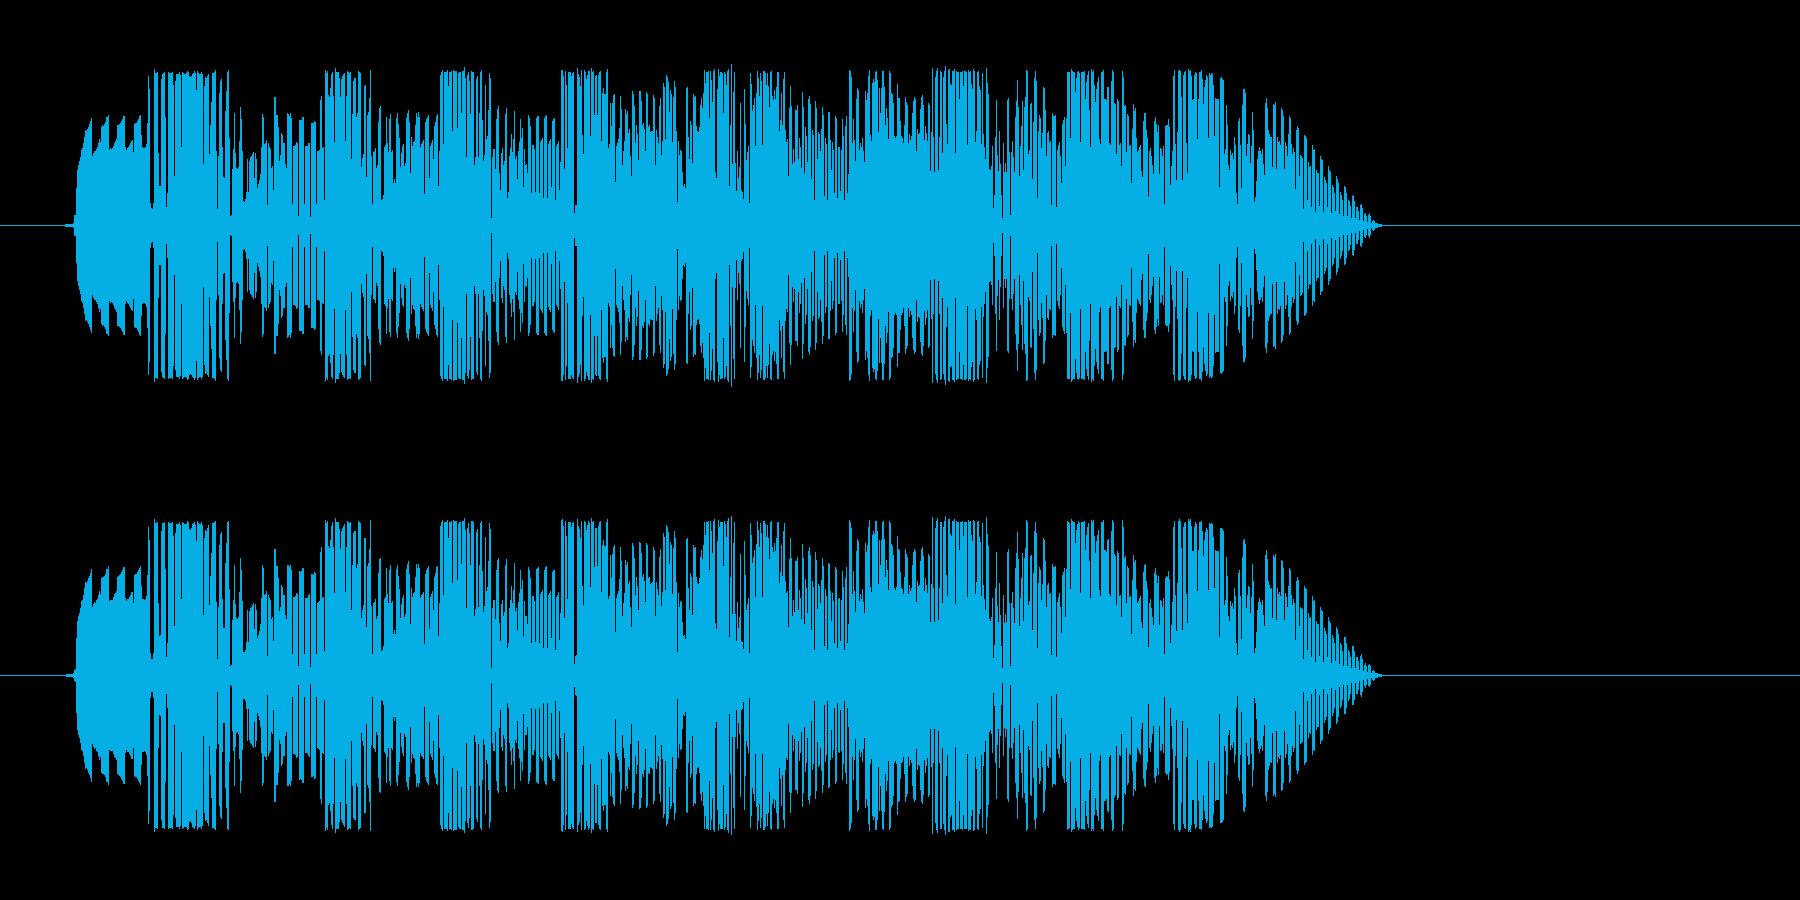 プゥワァォ(スピードを感じる効果音)の再生済みの波形